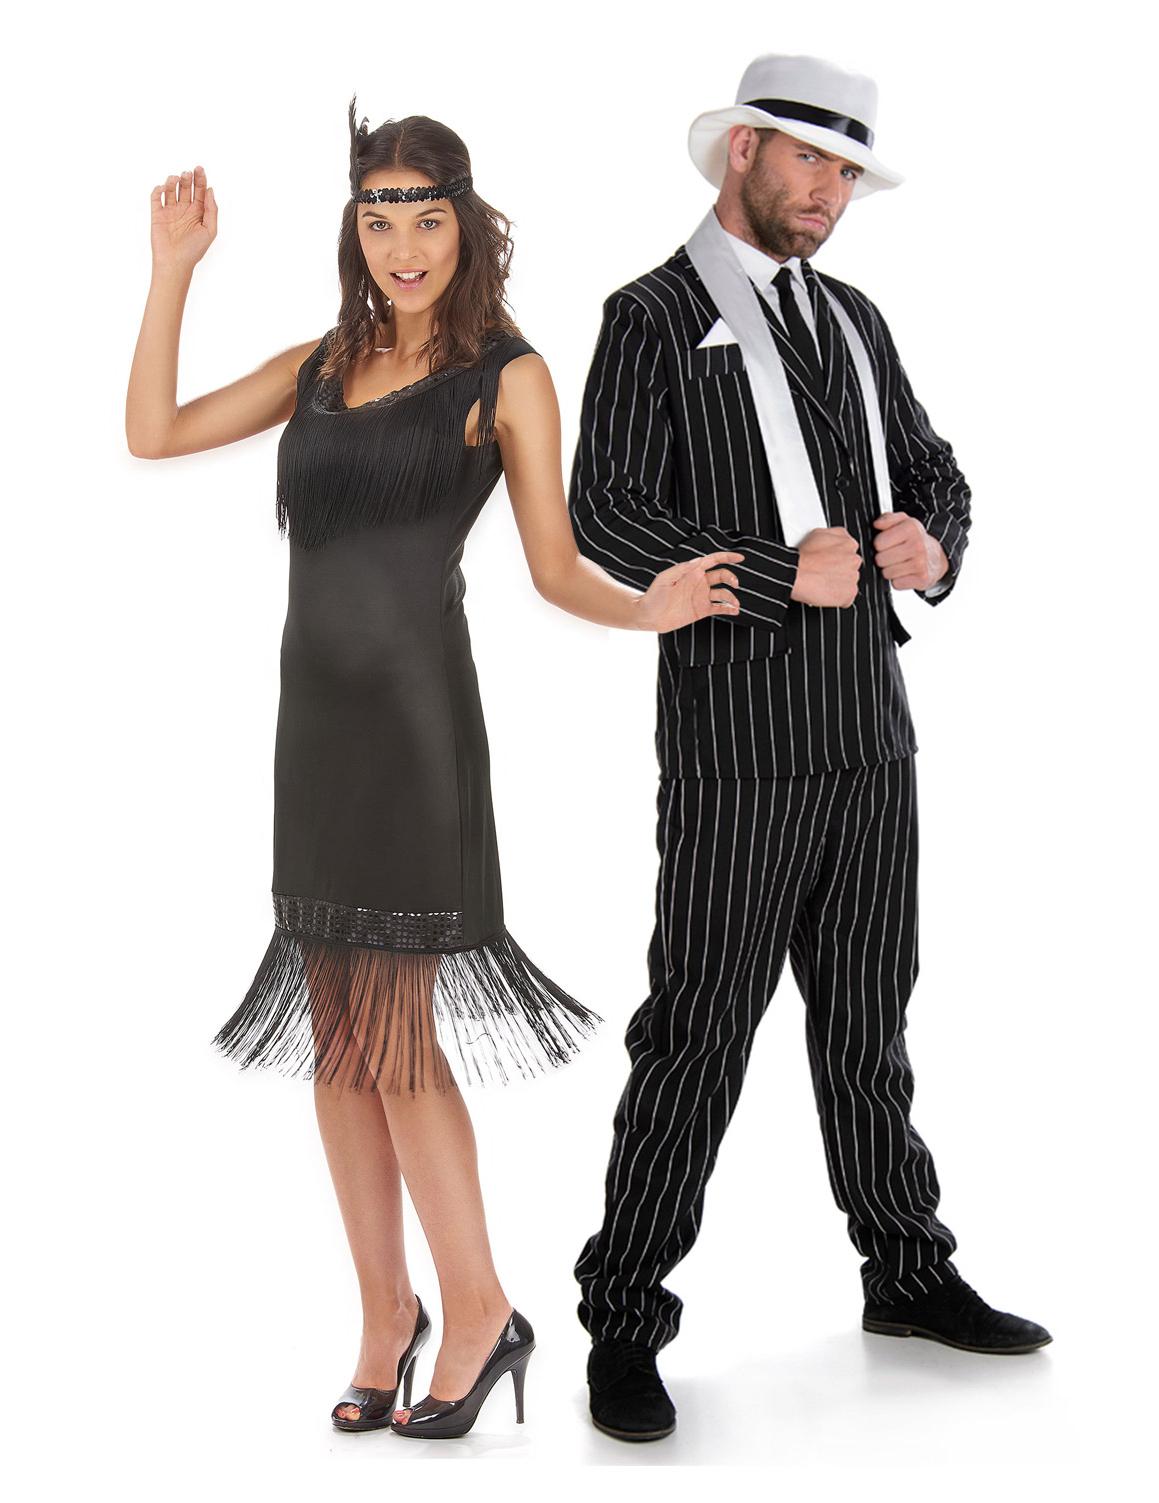 Disfraces Sencillos Para Adultos Perfect Disfraz Pirata With